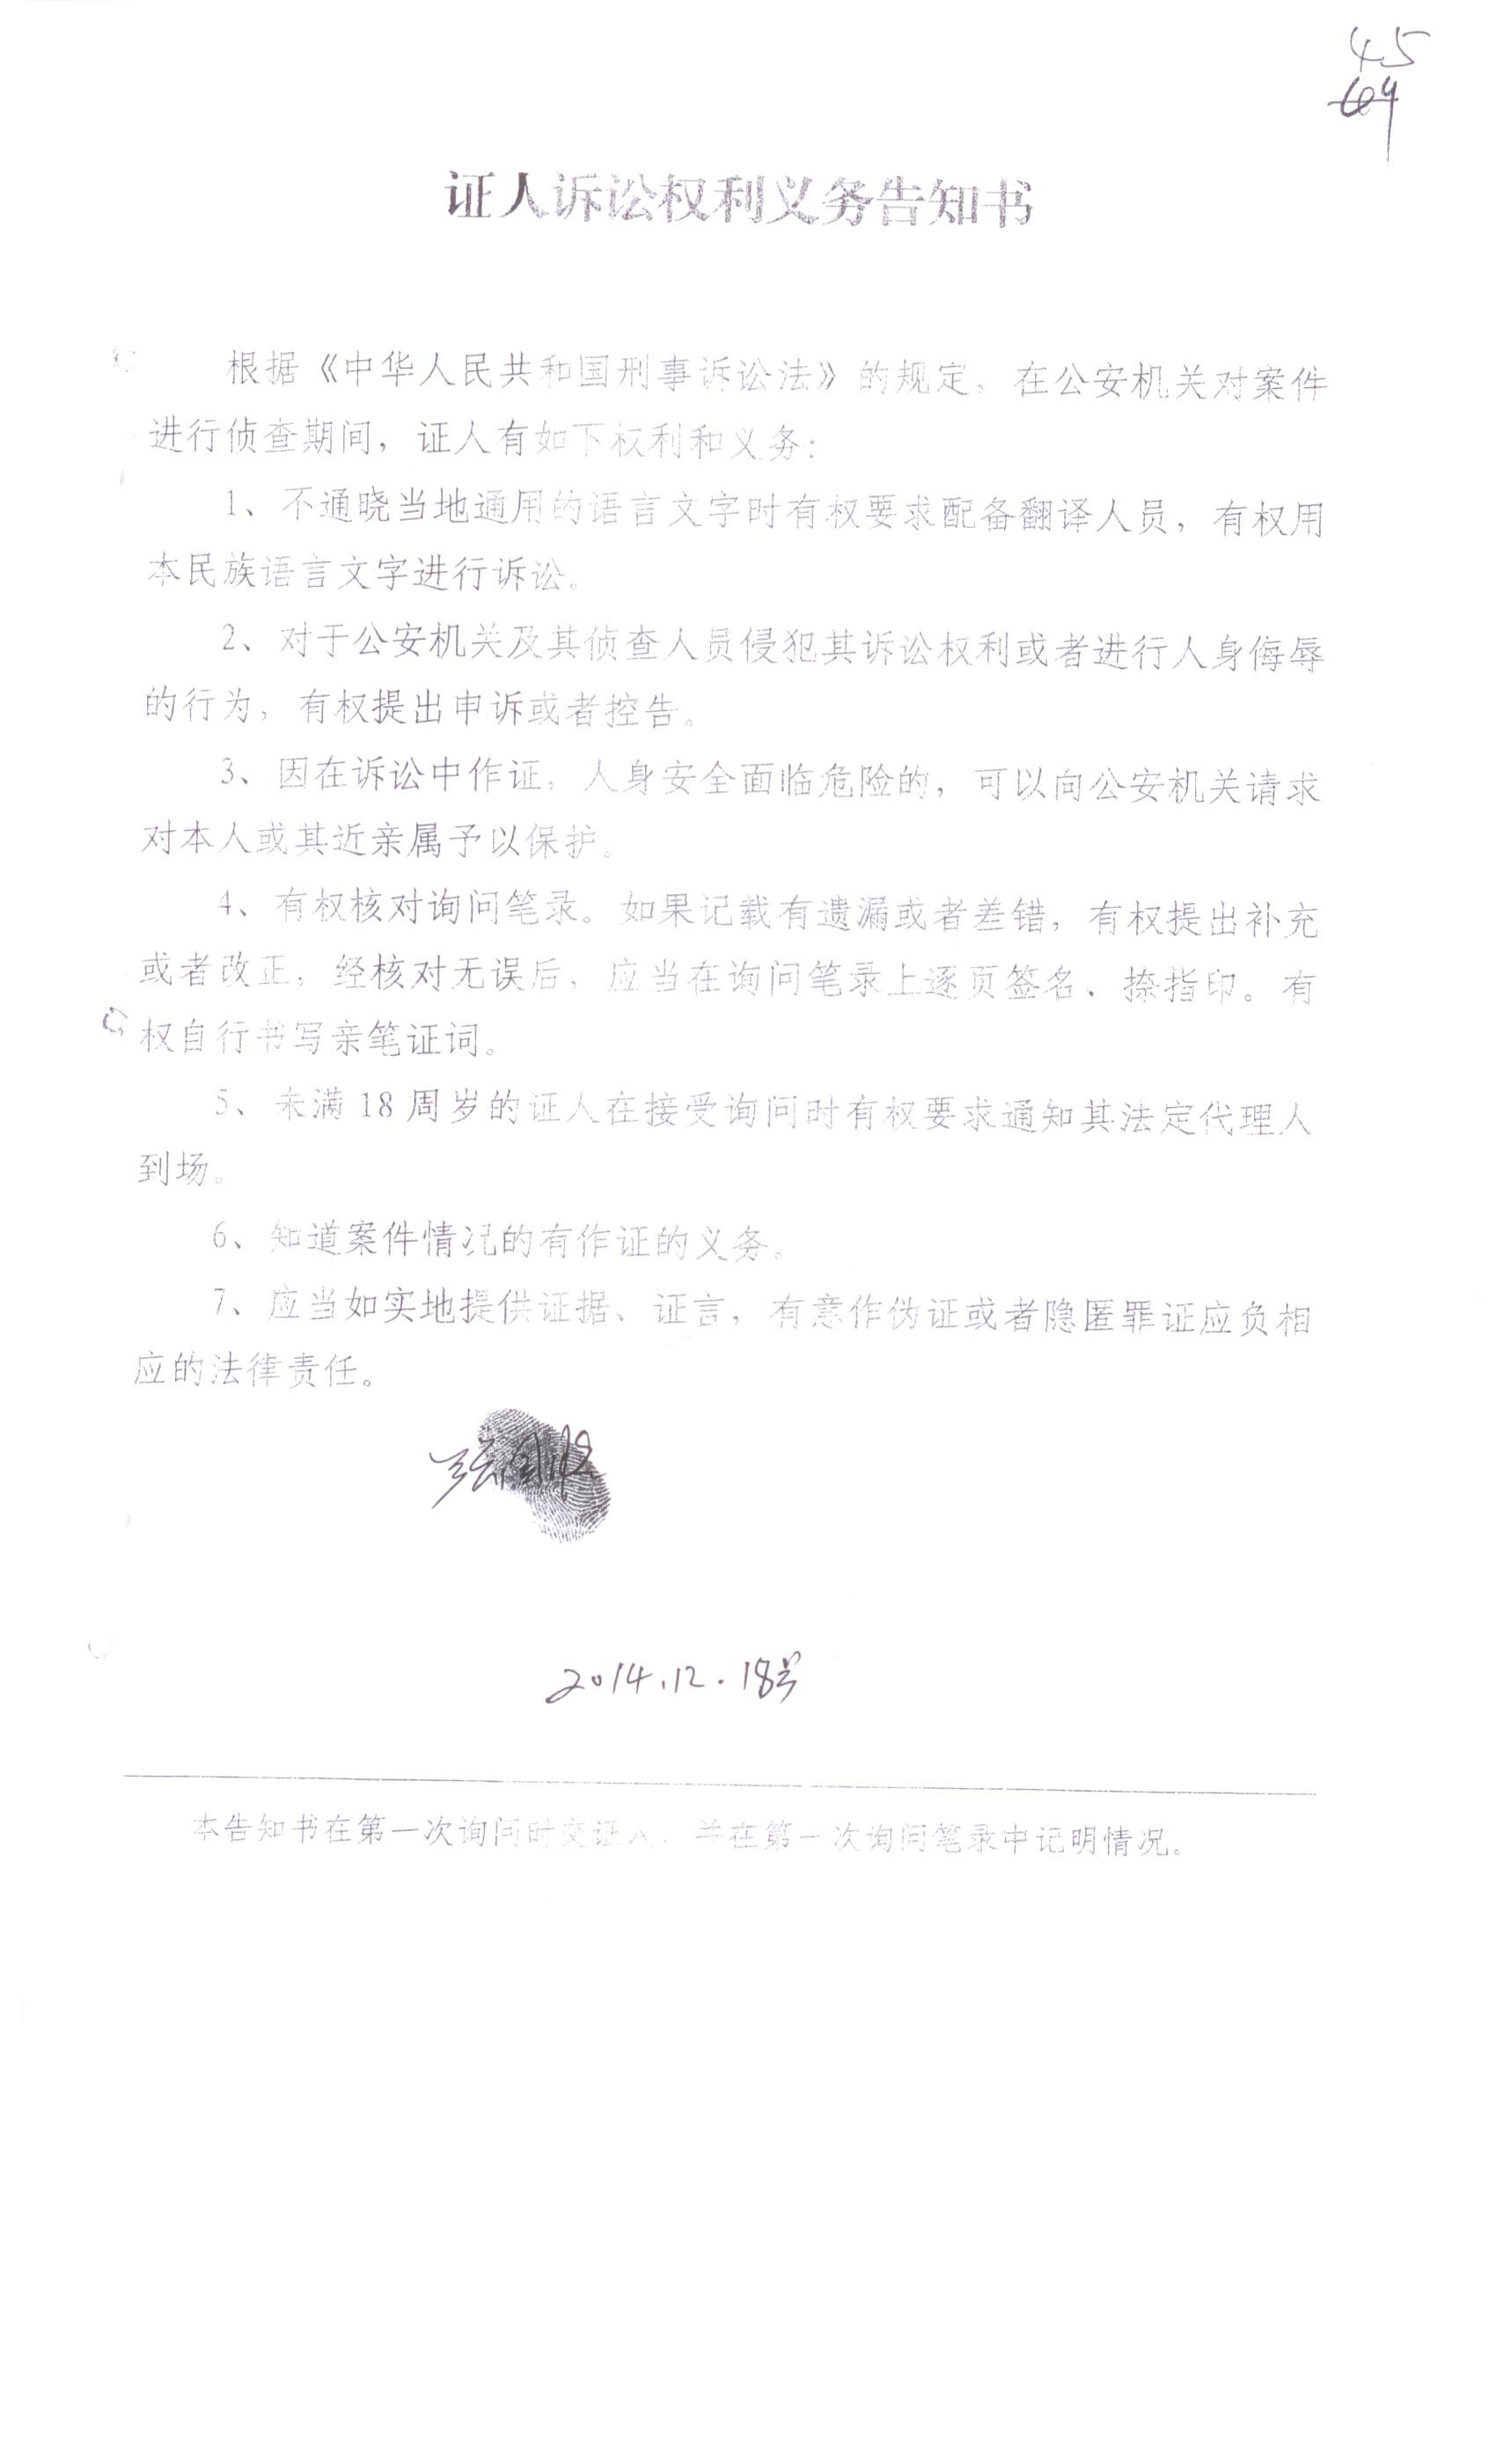 张国胜的询问笔录1.jpg